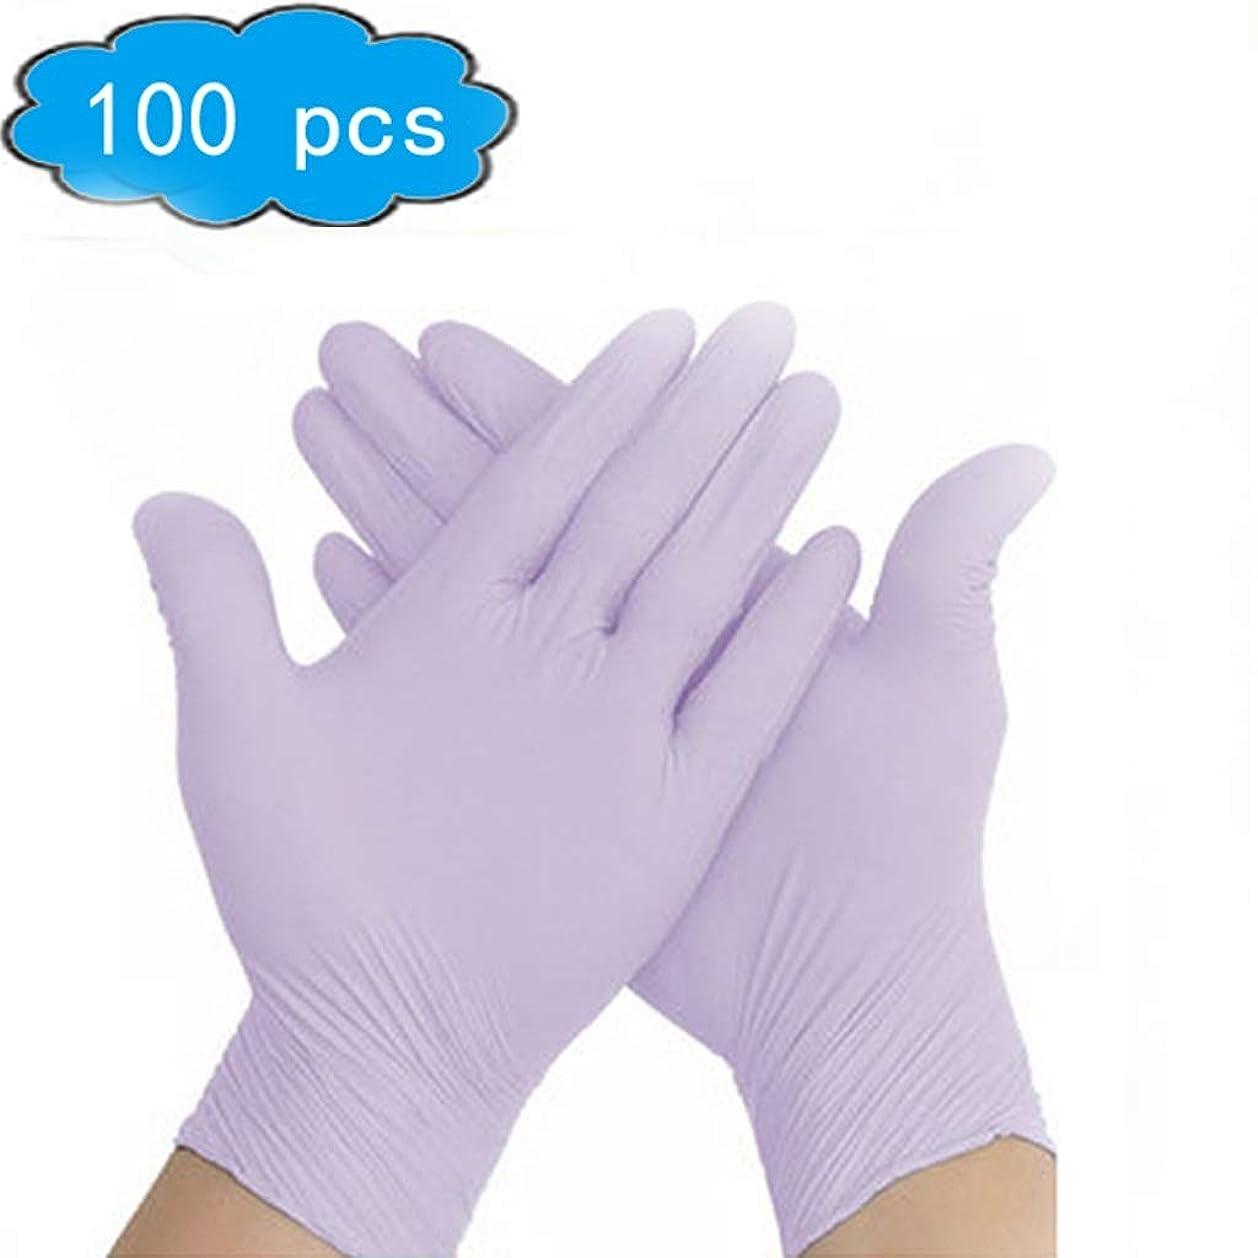 地球課す小競り合いニトリル手袋 - 医療用グレード、パウダーフリー、使い捨て、非滅菌、食品安全、テクスチャード加工、紫色、便利なディスペンサーパッケージ100、中サイズ、サニタリー手袋 (Color : Purple, Size : L)